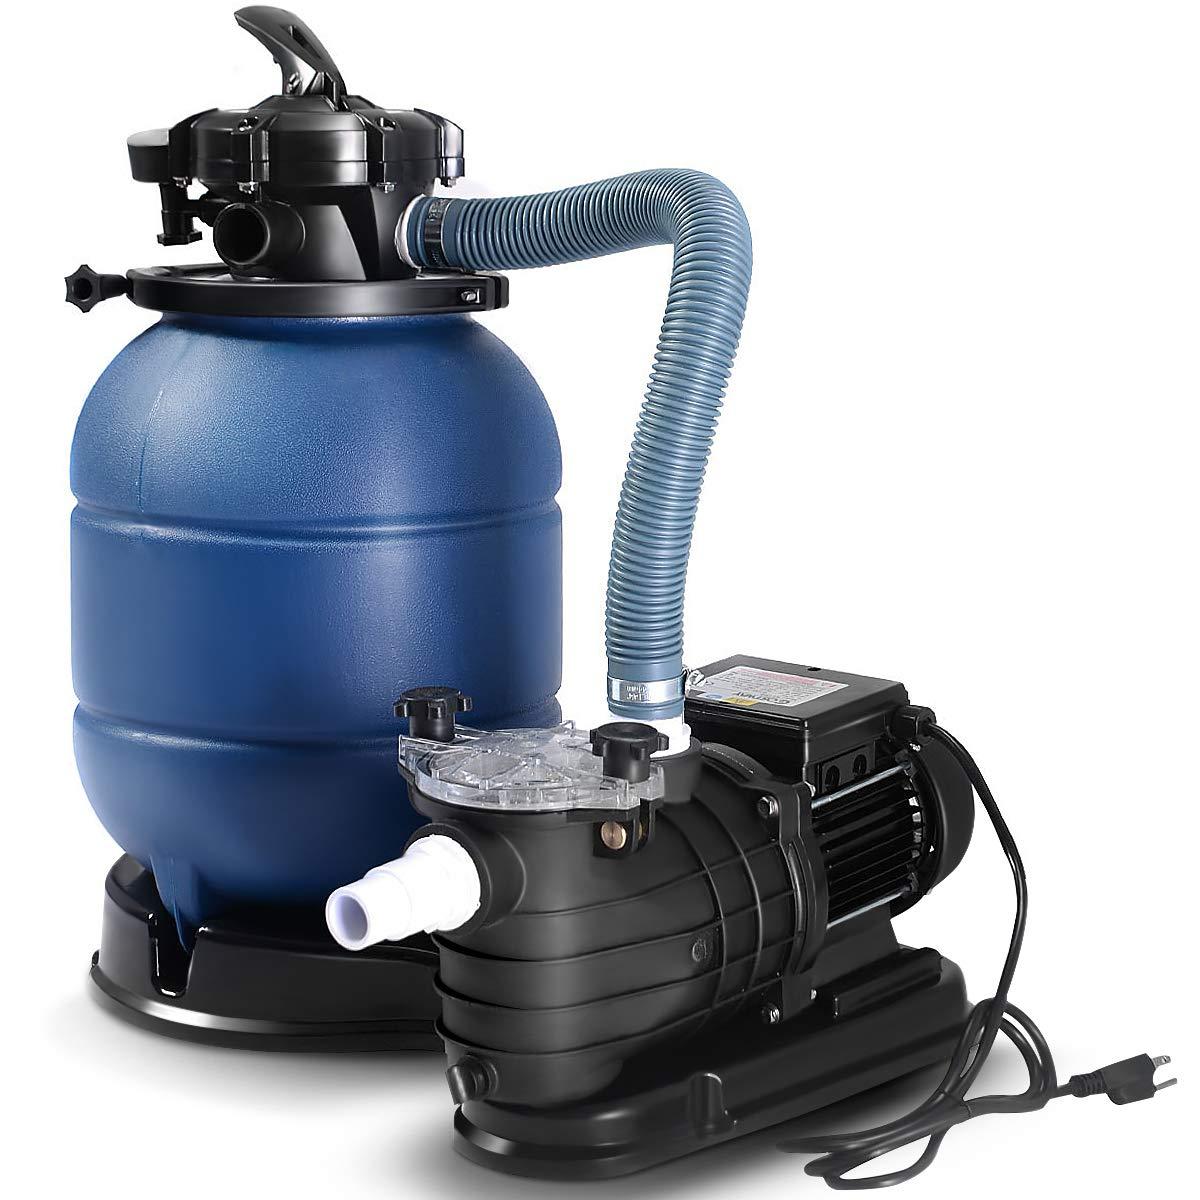 Goplus 13'' Sand Filter Pump for Above Ground Pools 2450GPH Swimming Pool Pump w/Pressure Gauge, 10000GAL by Goplus